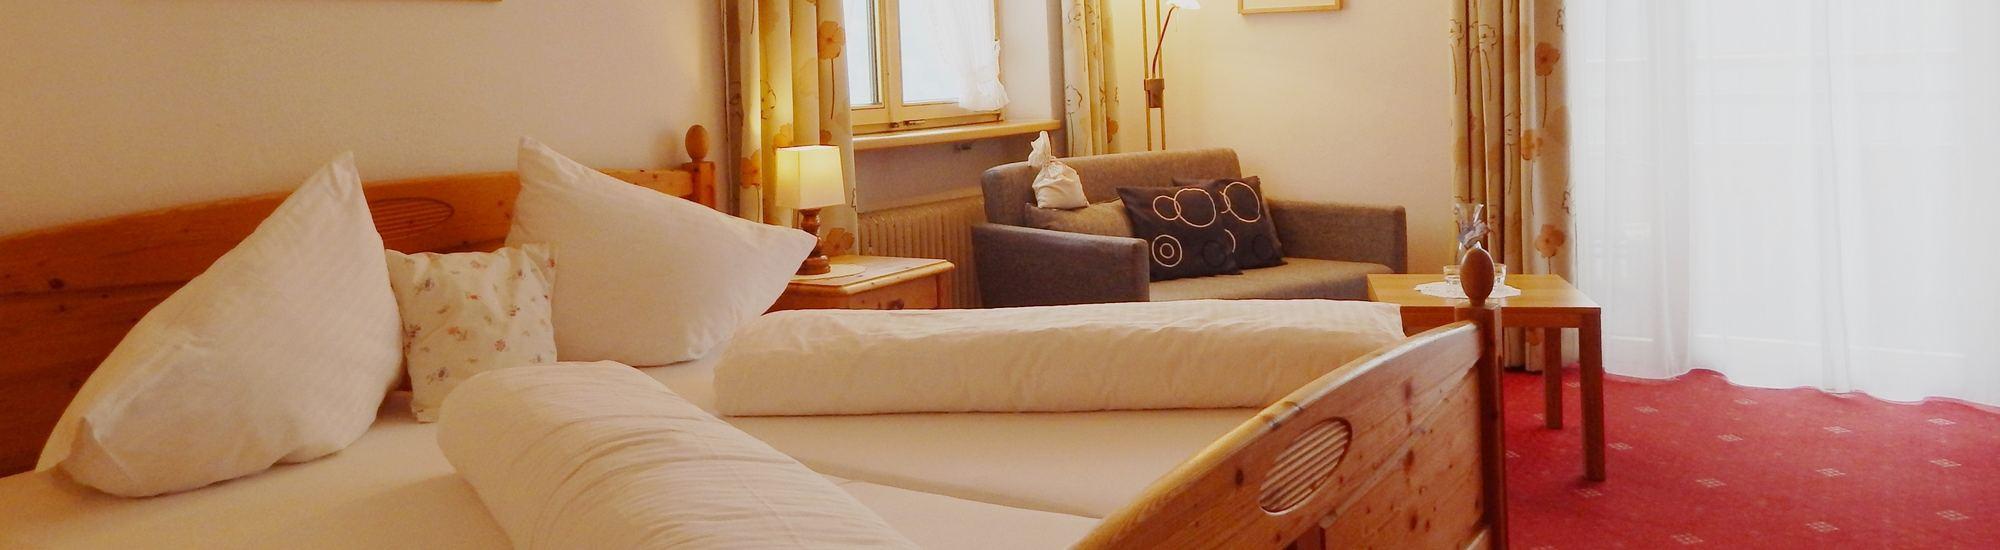 hotel-bergerhof-montafon-sommer-1-s